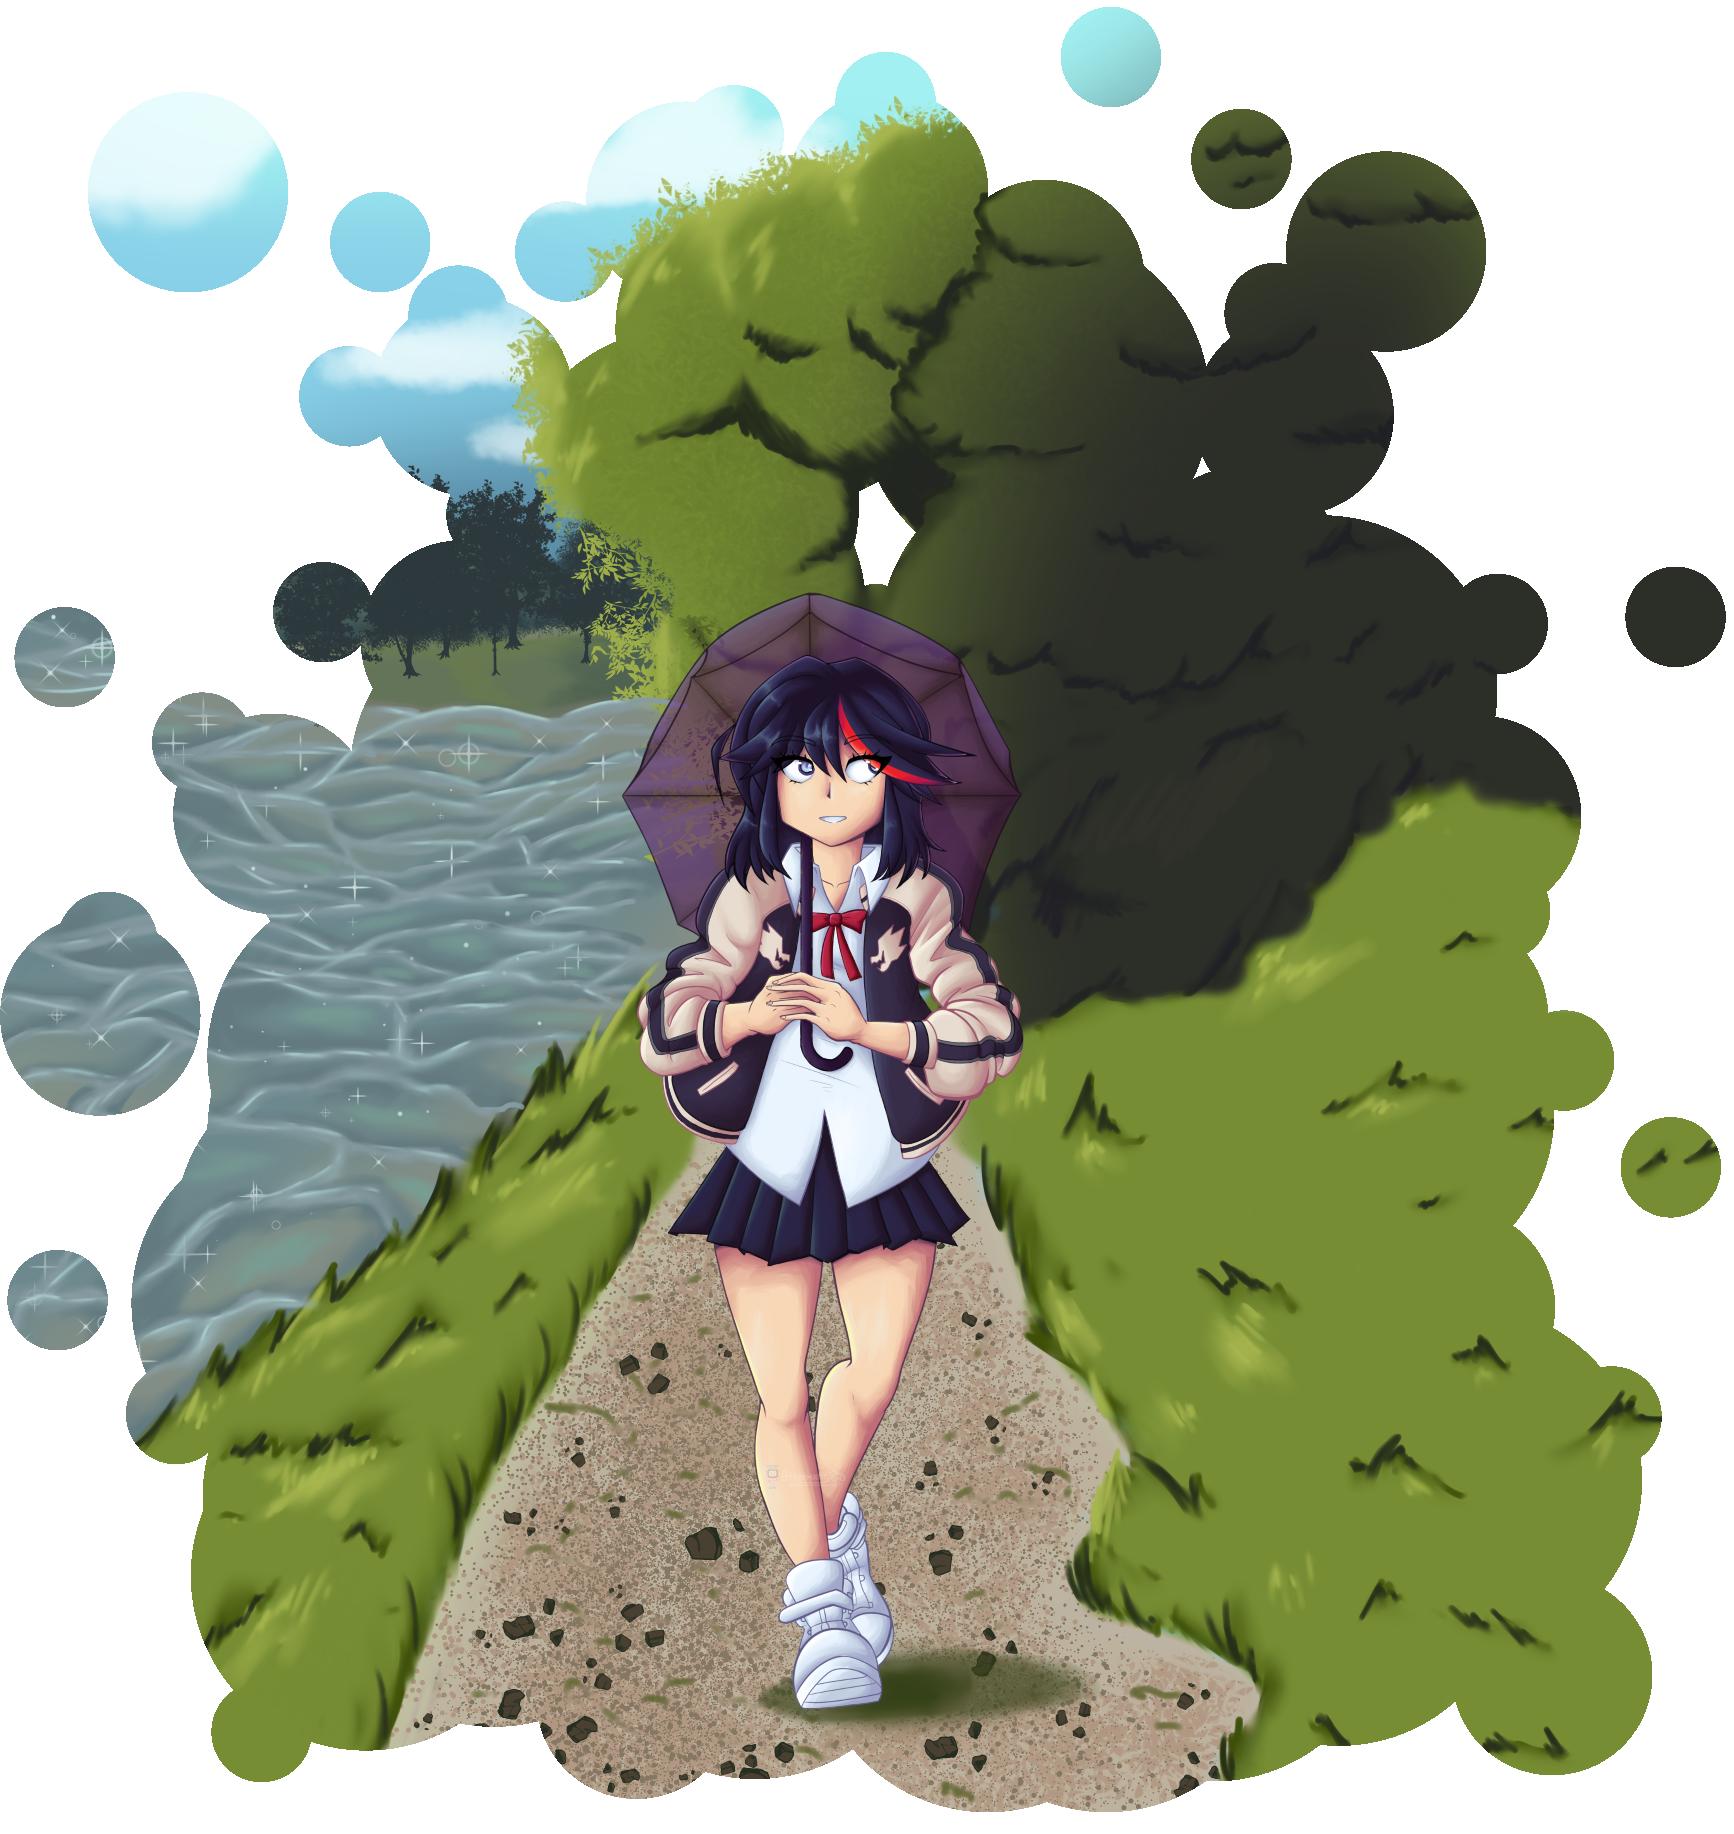 Waifu Wars Ryuko Matoi By 0ttermatic On Newgrounds